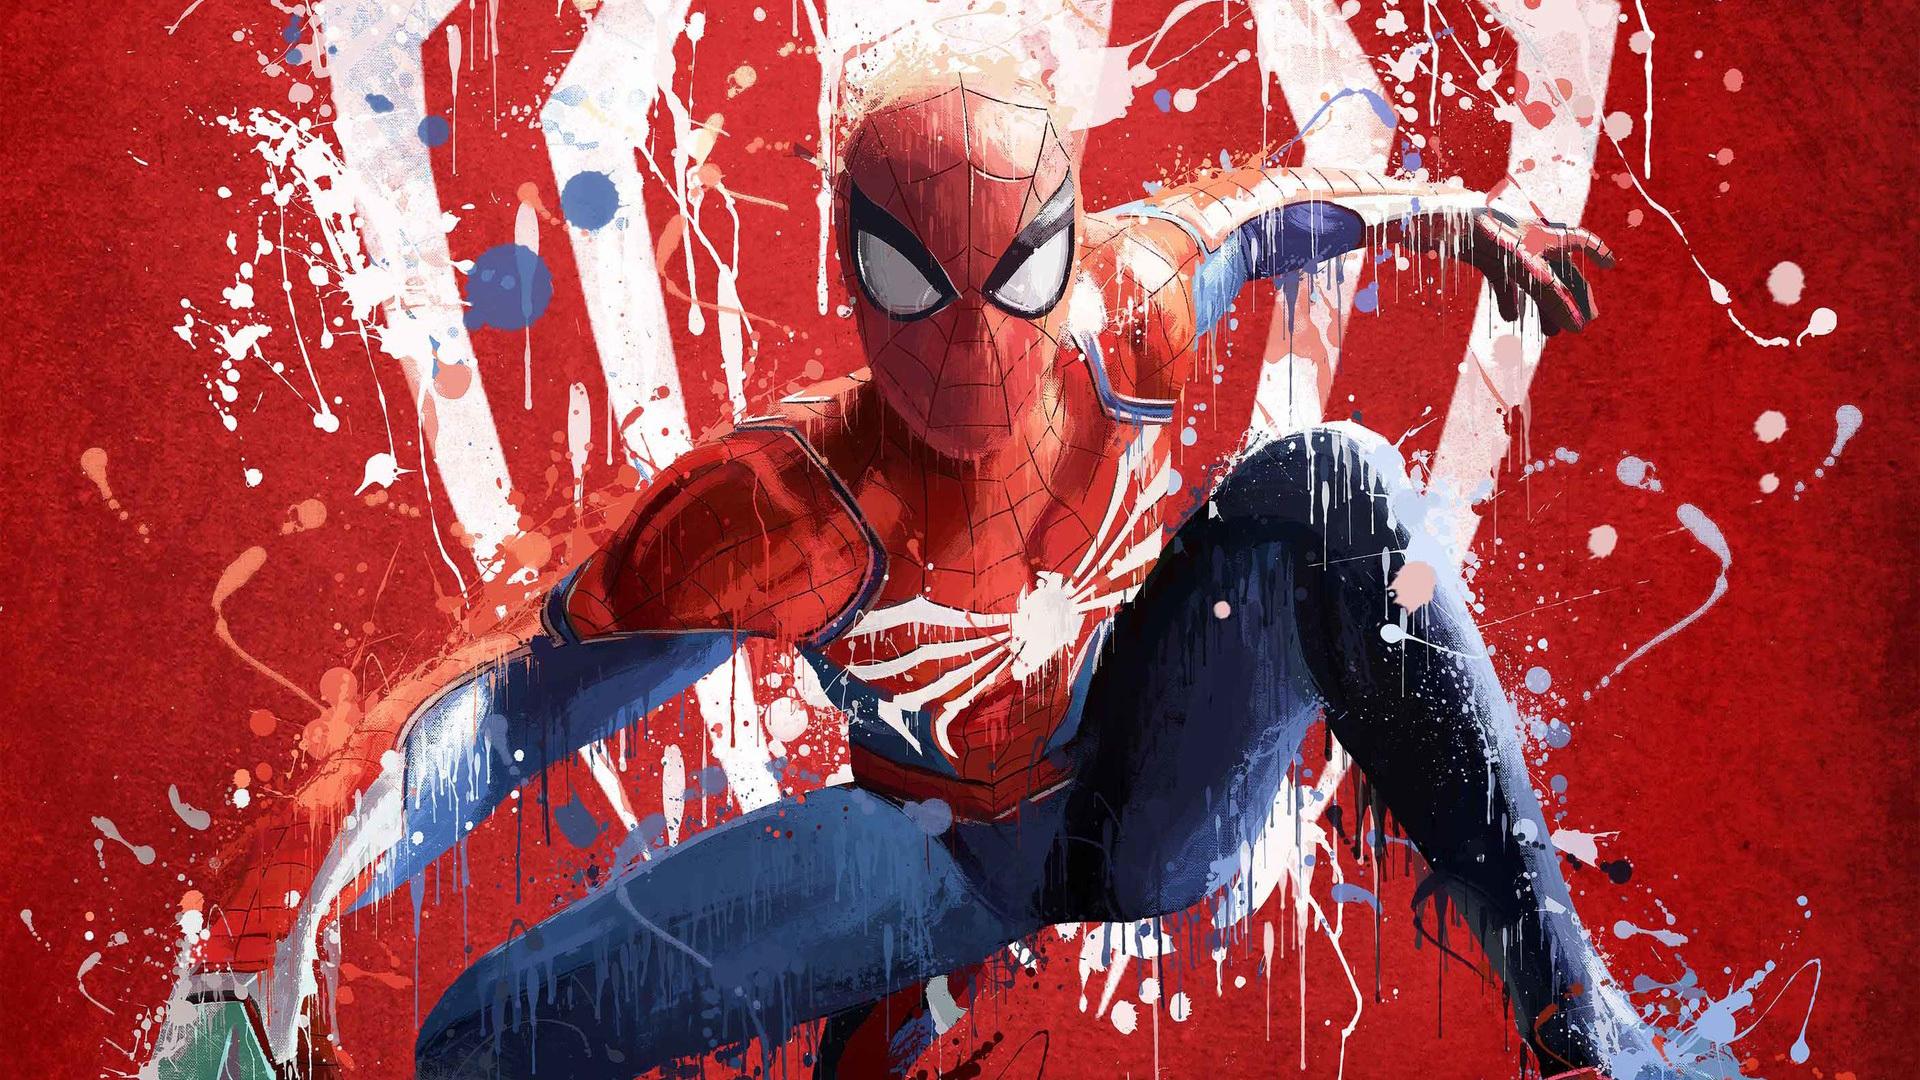 1920x1080 Spiderman Ps4 Art 2018 Laptop Full HD 1080P HD ...